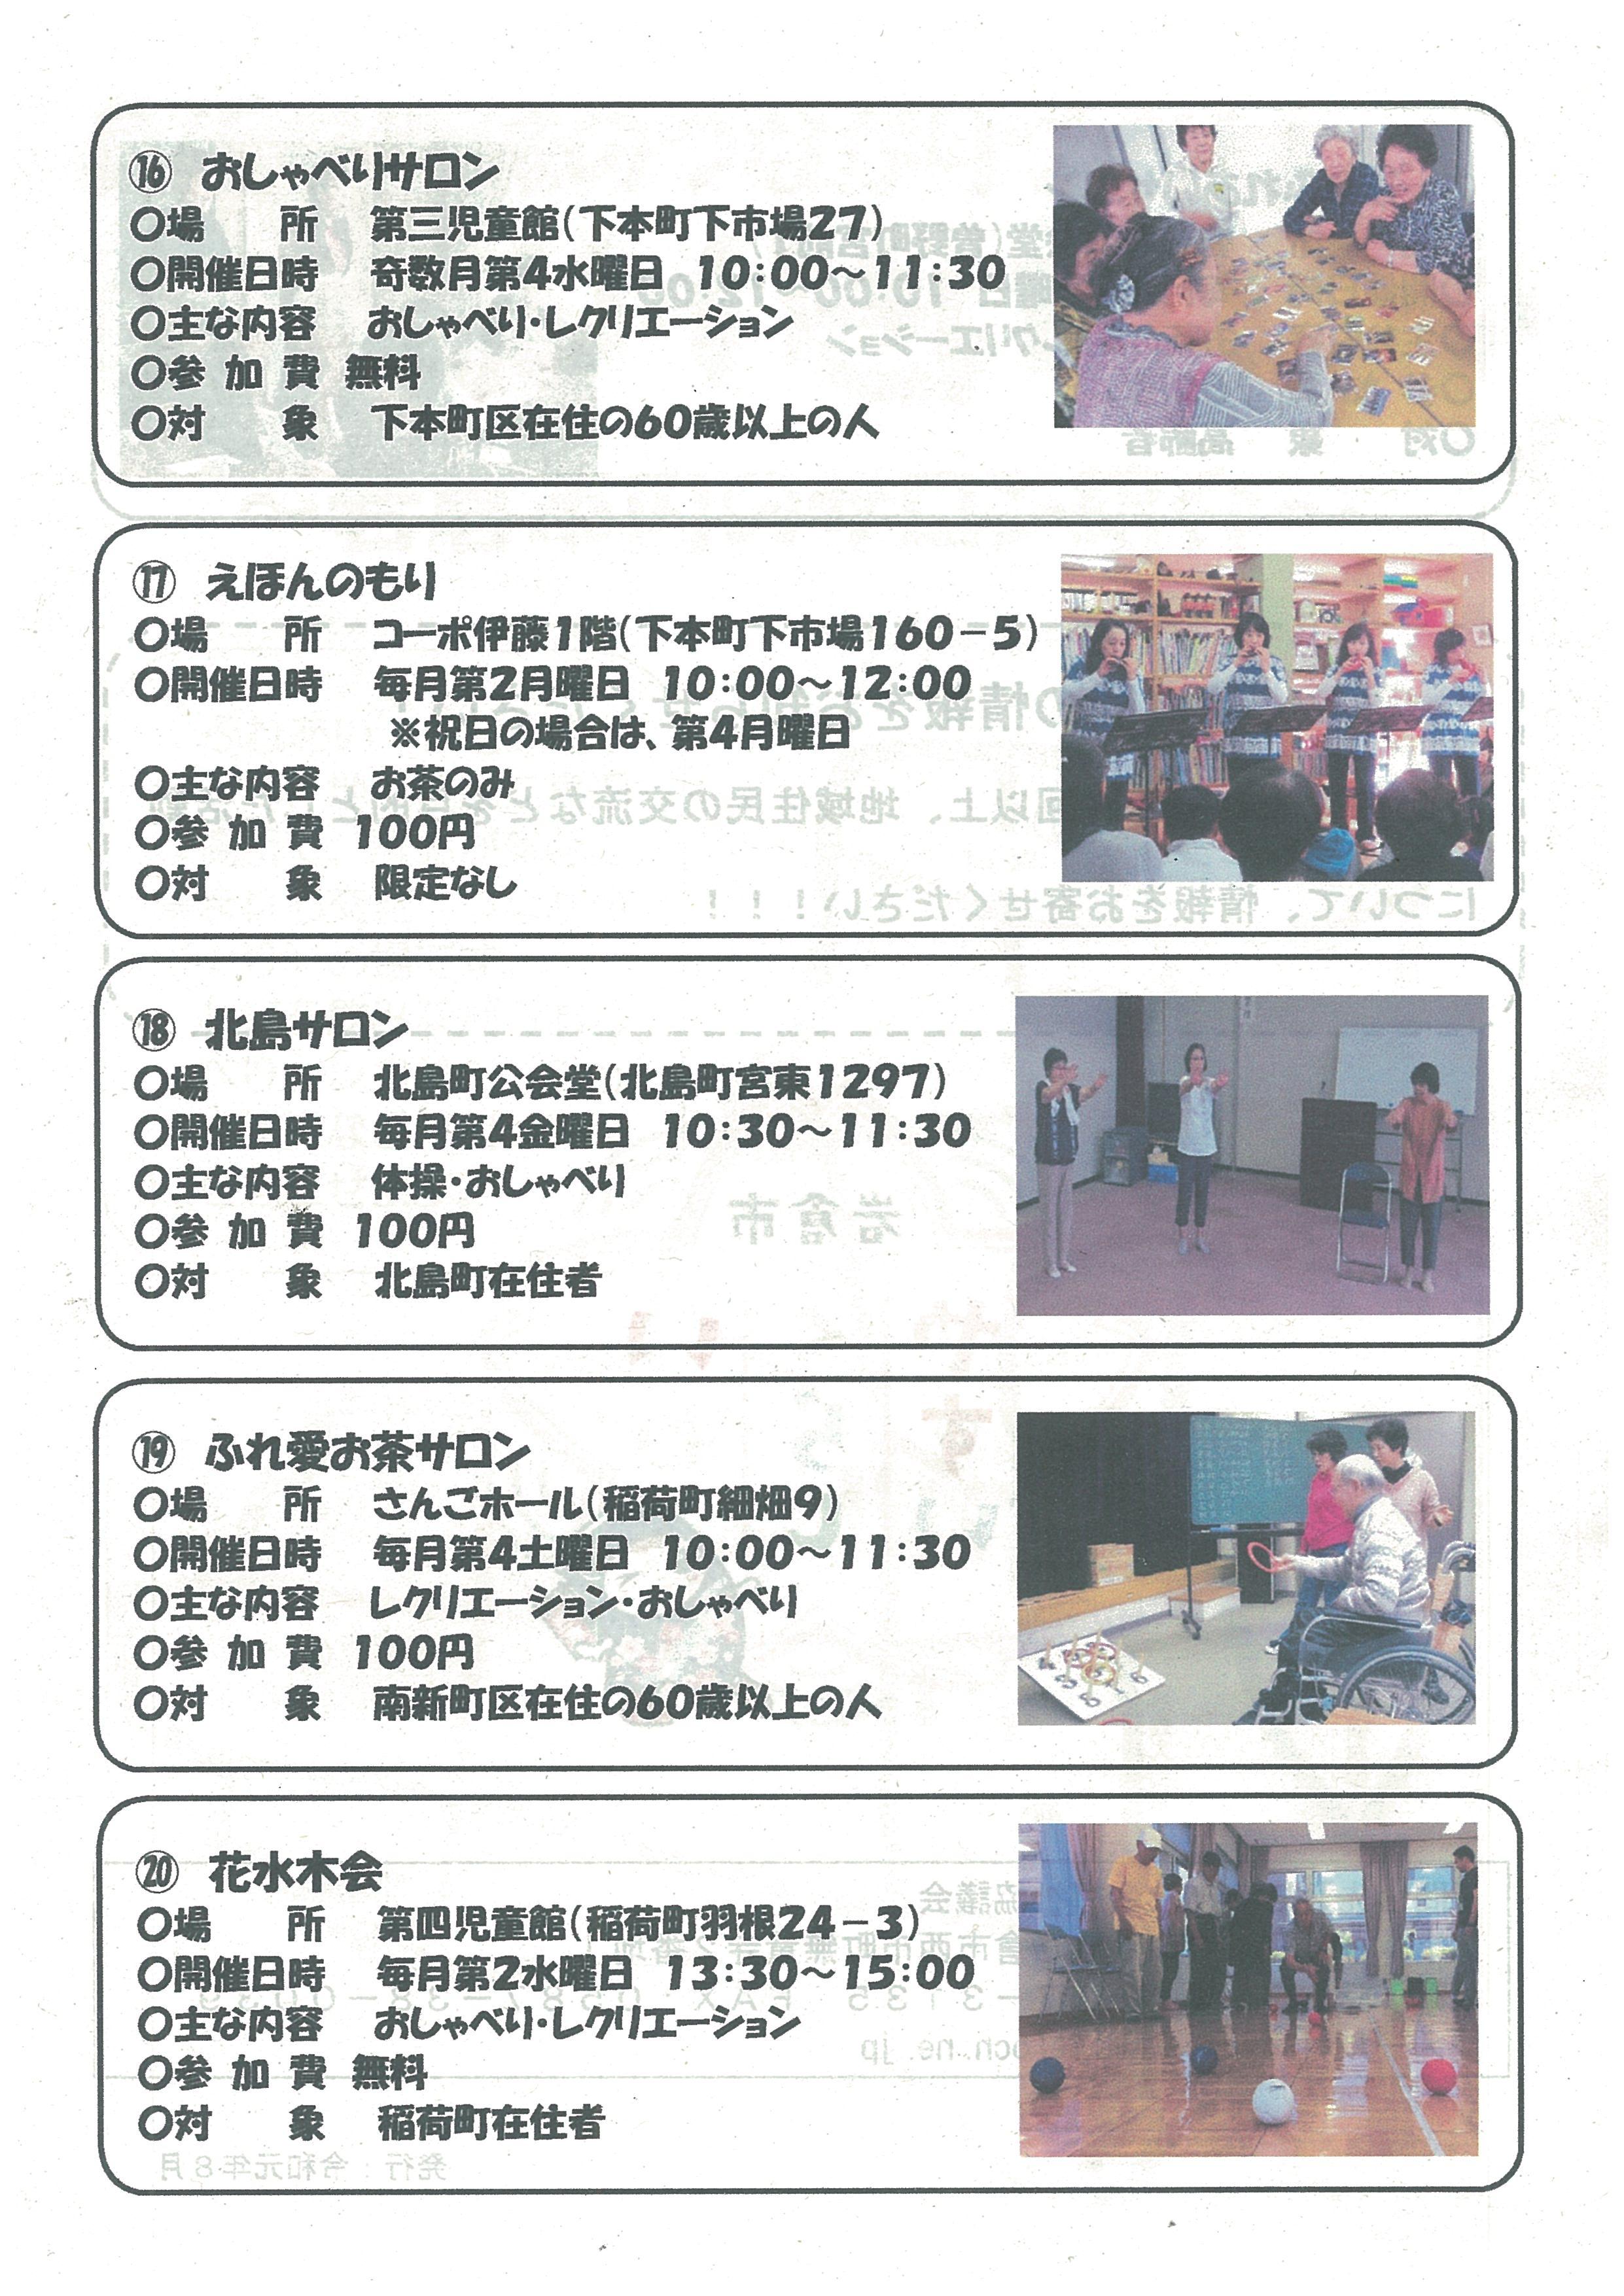 scan-001_20200925170304bb3.jpg